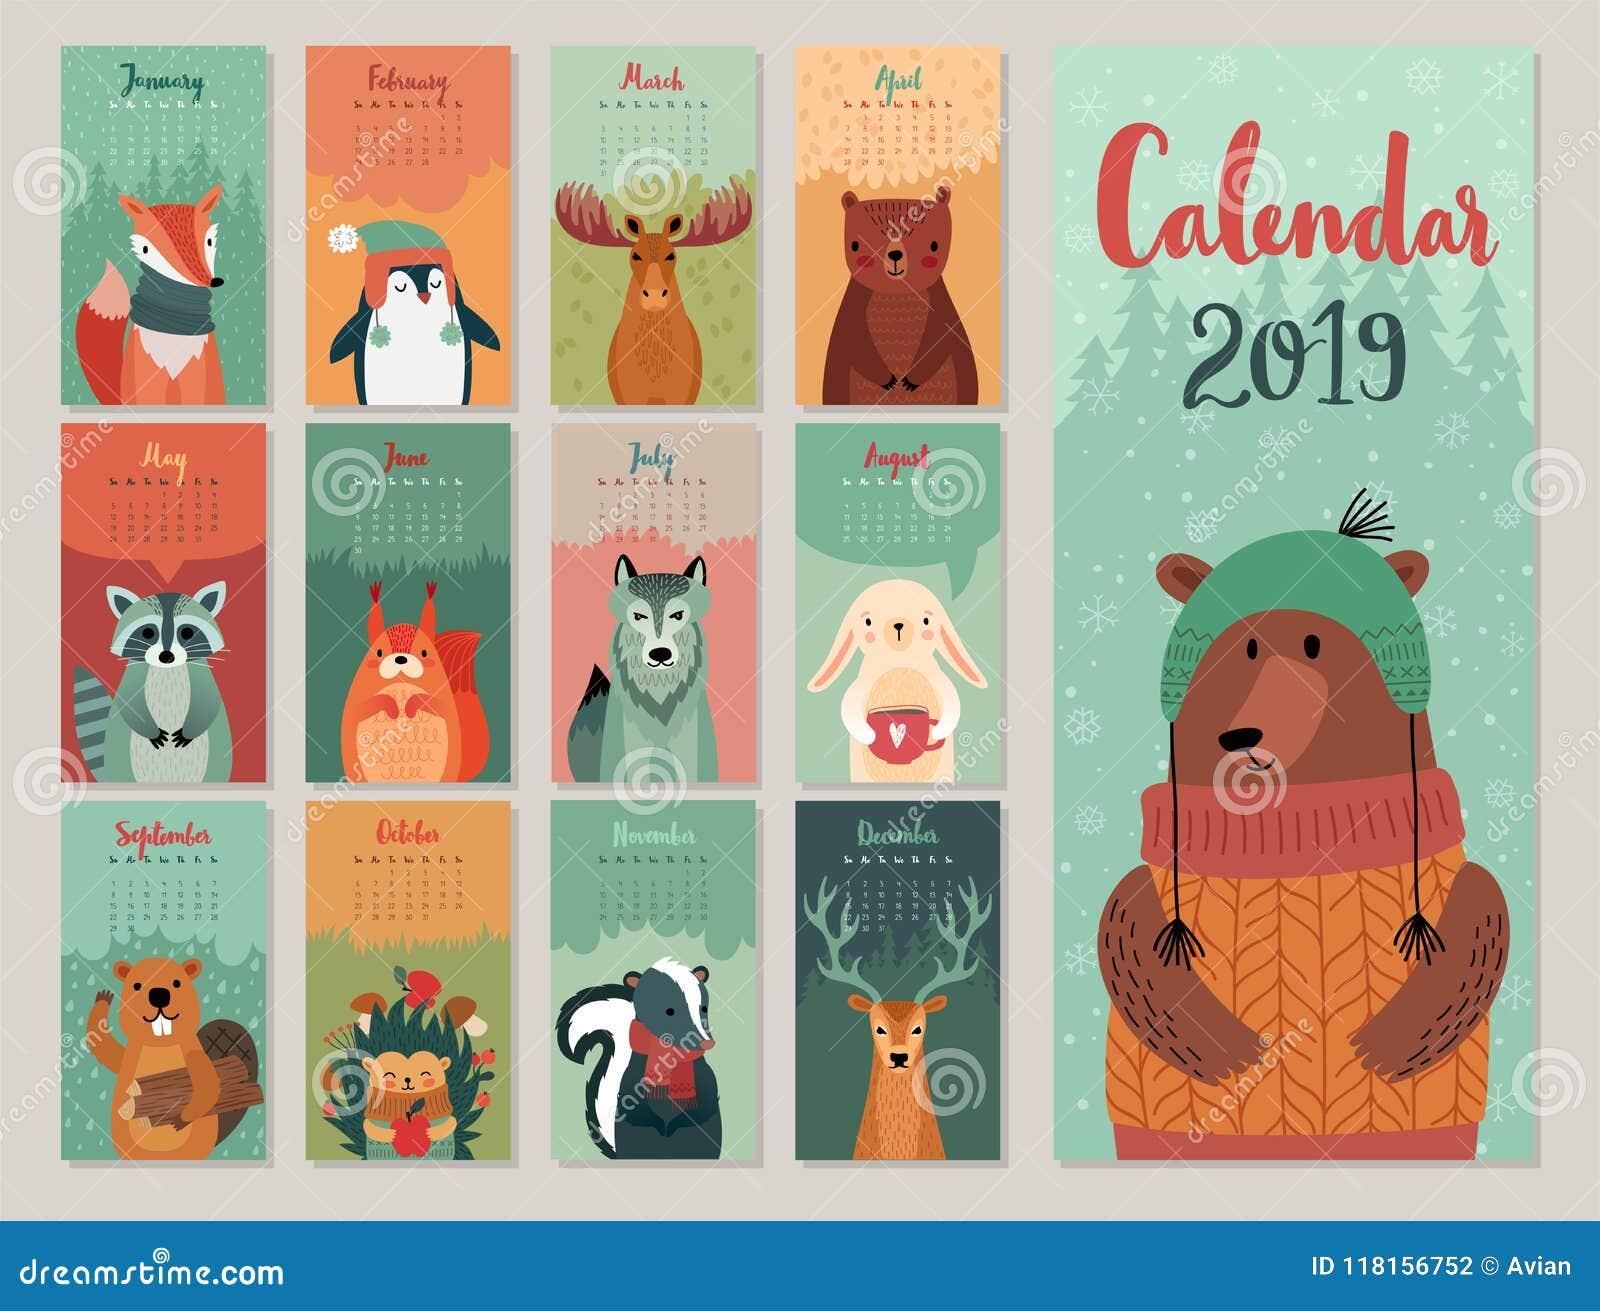 Calendario 2019 Calendario mensile sveglio con gli animali della foresta Caratteri disegnati a mano di stile